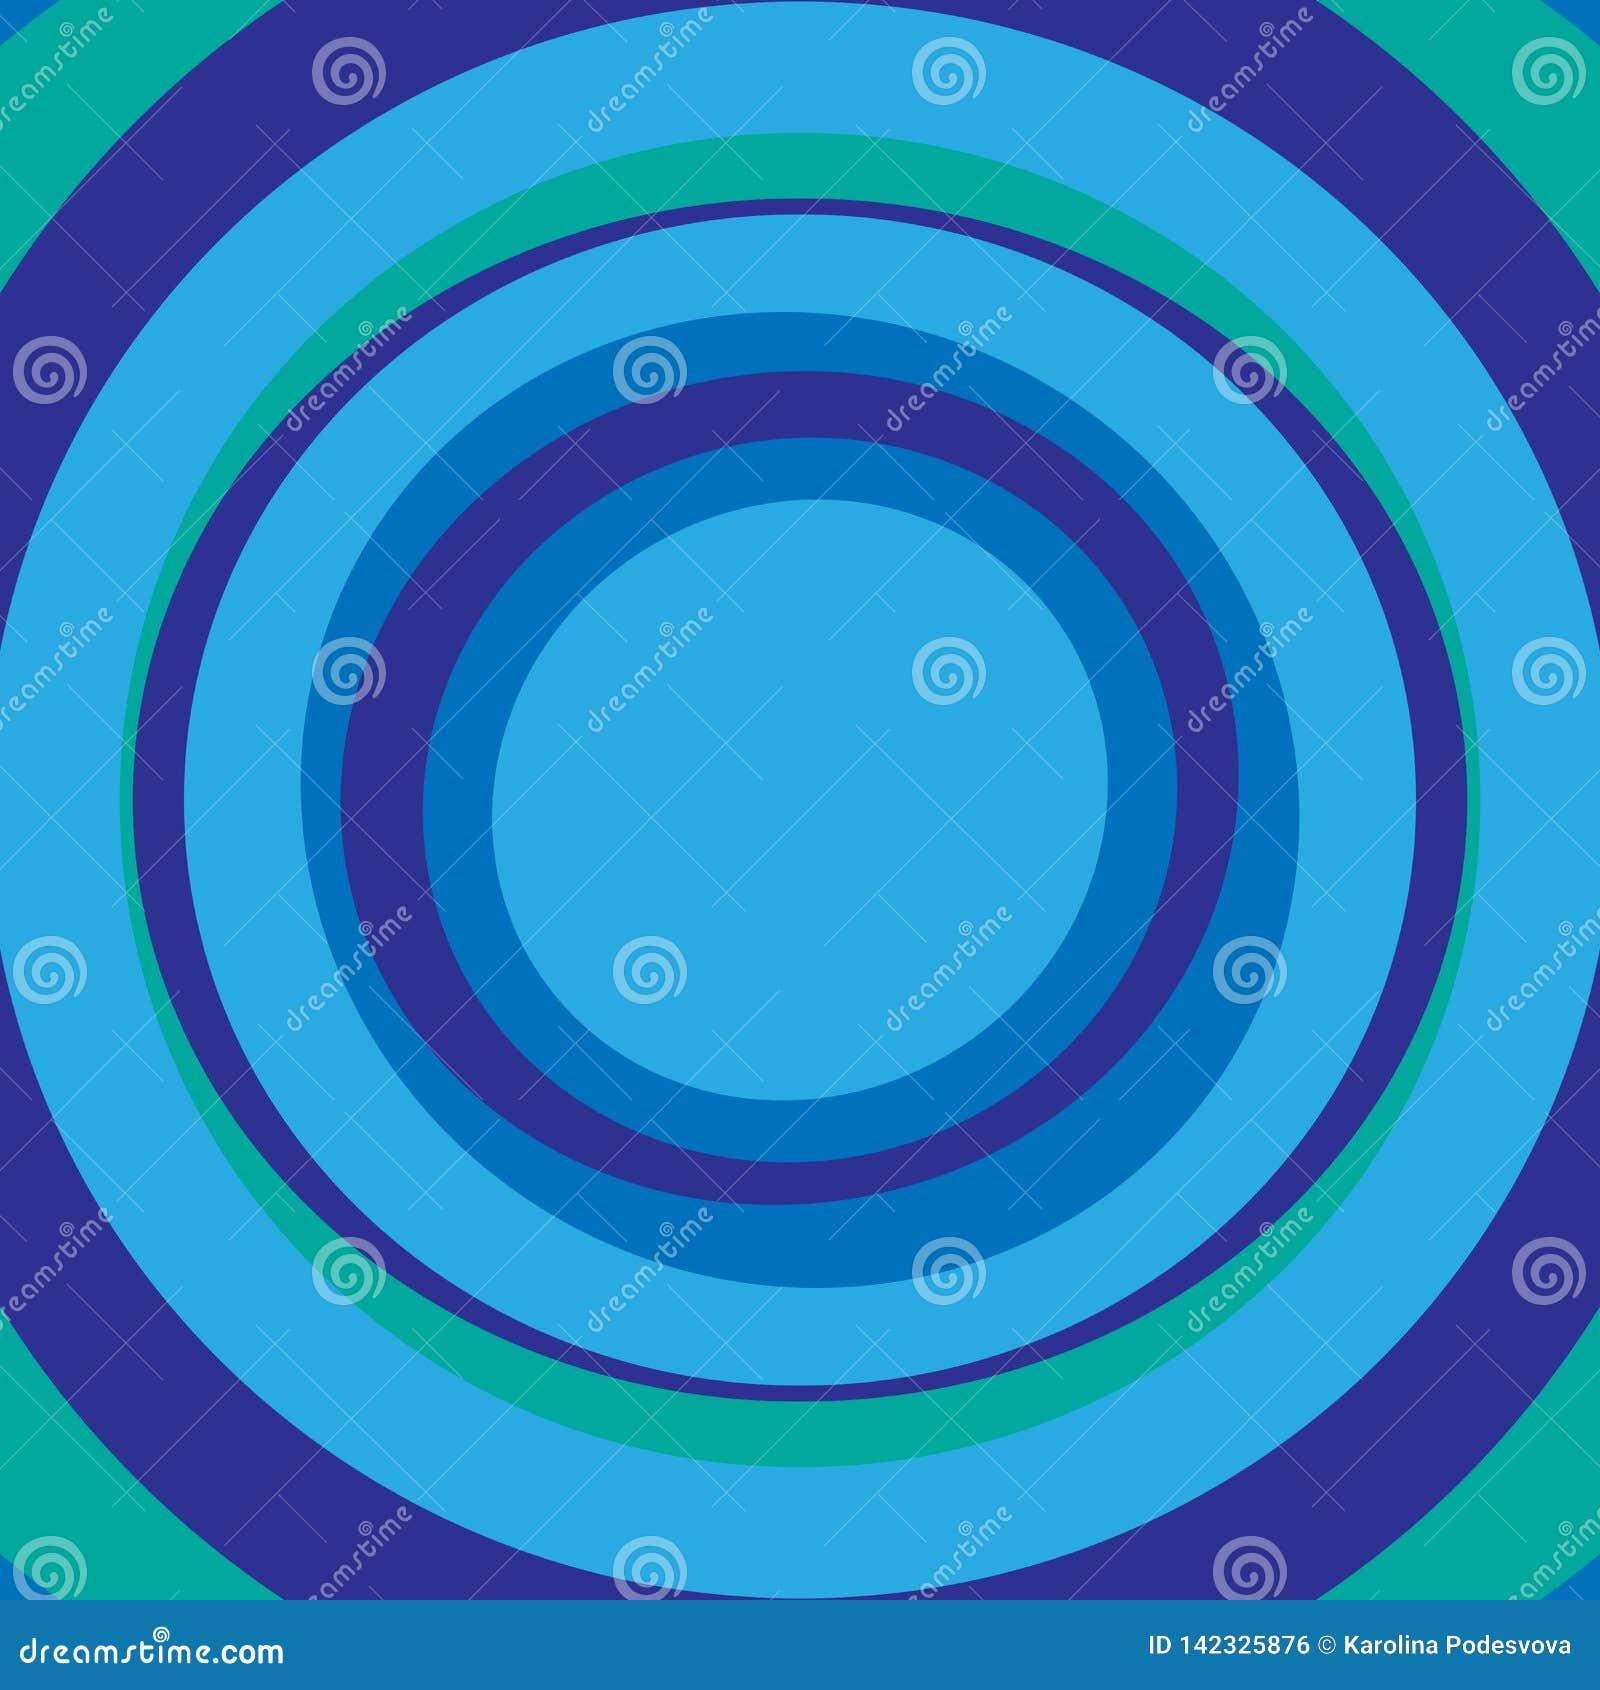 Fond abstrait bleu et vert de cercles concentriques